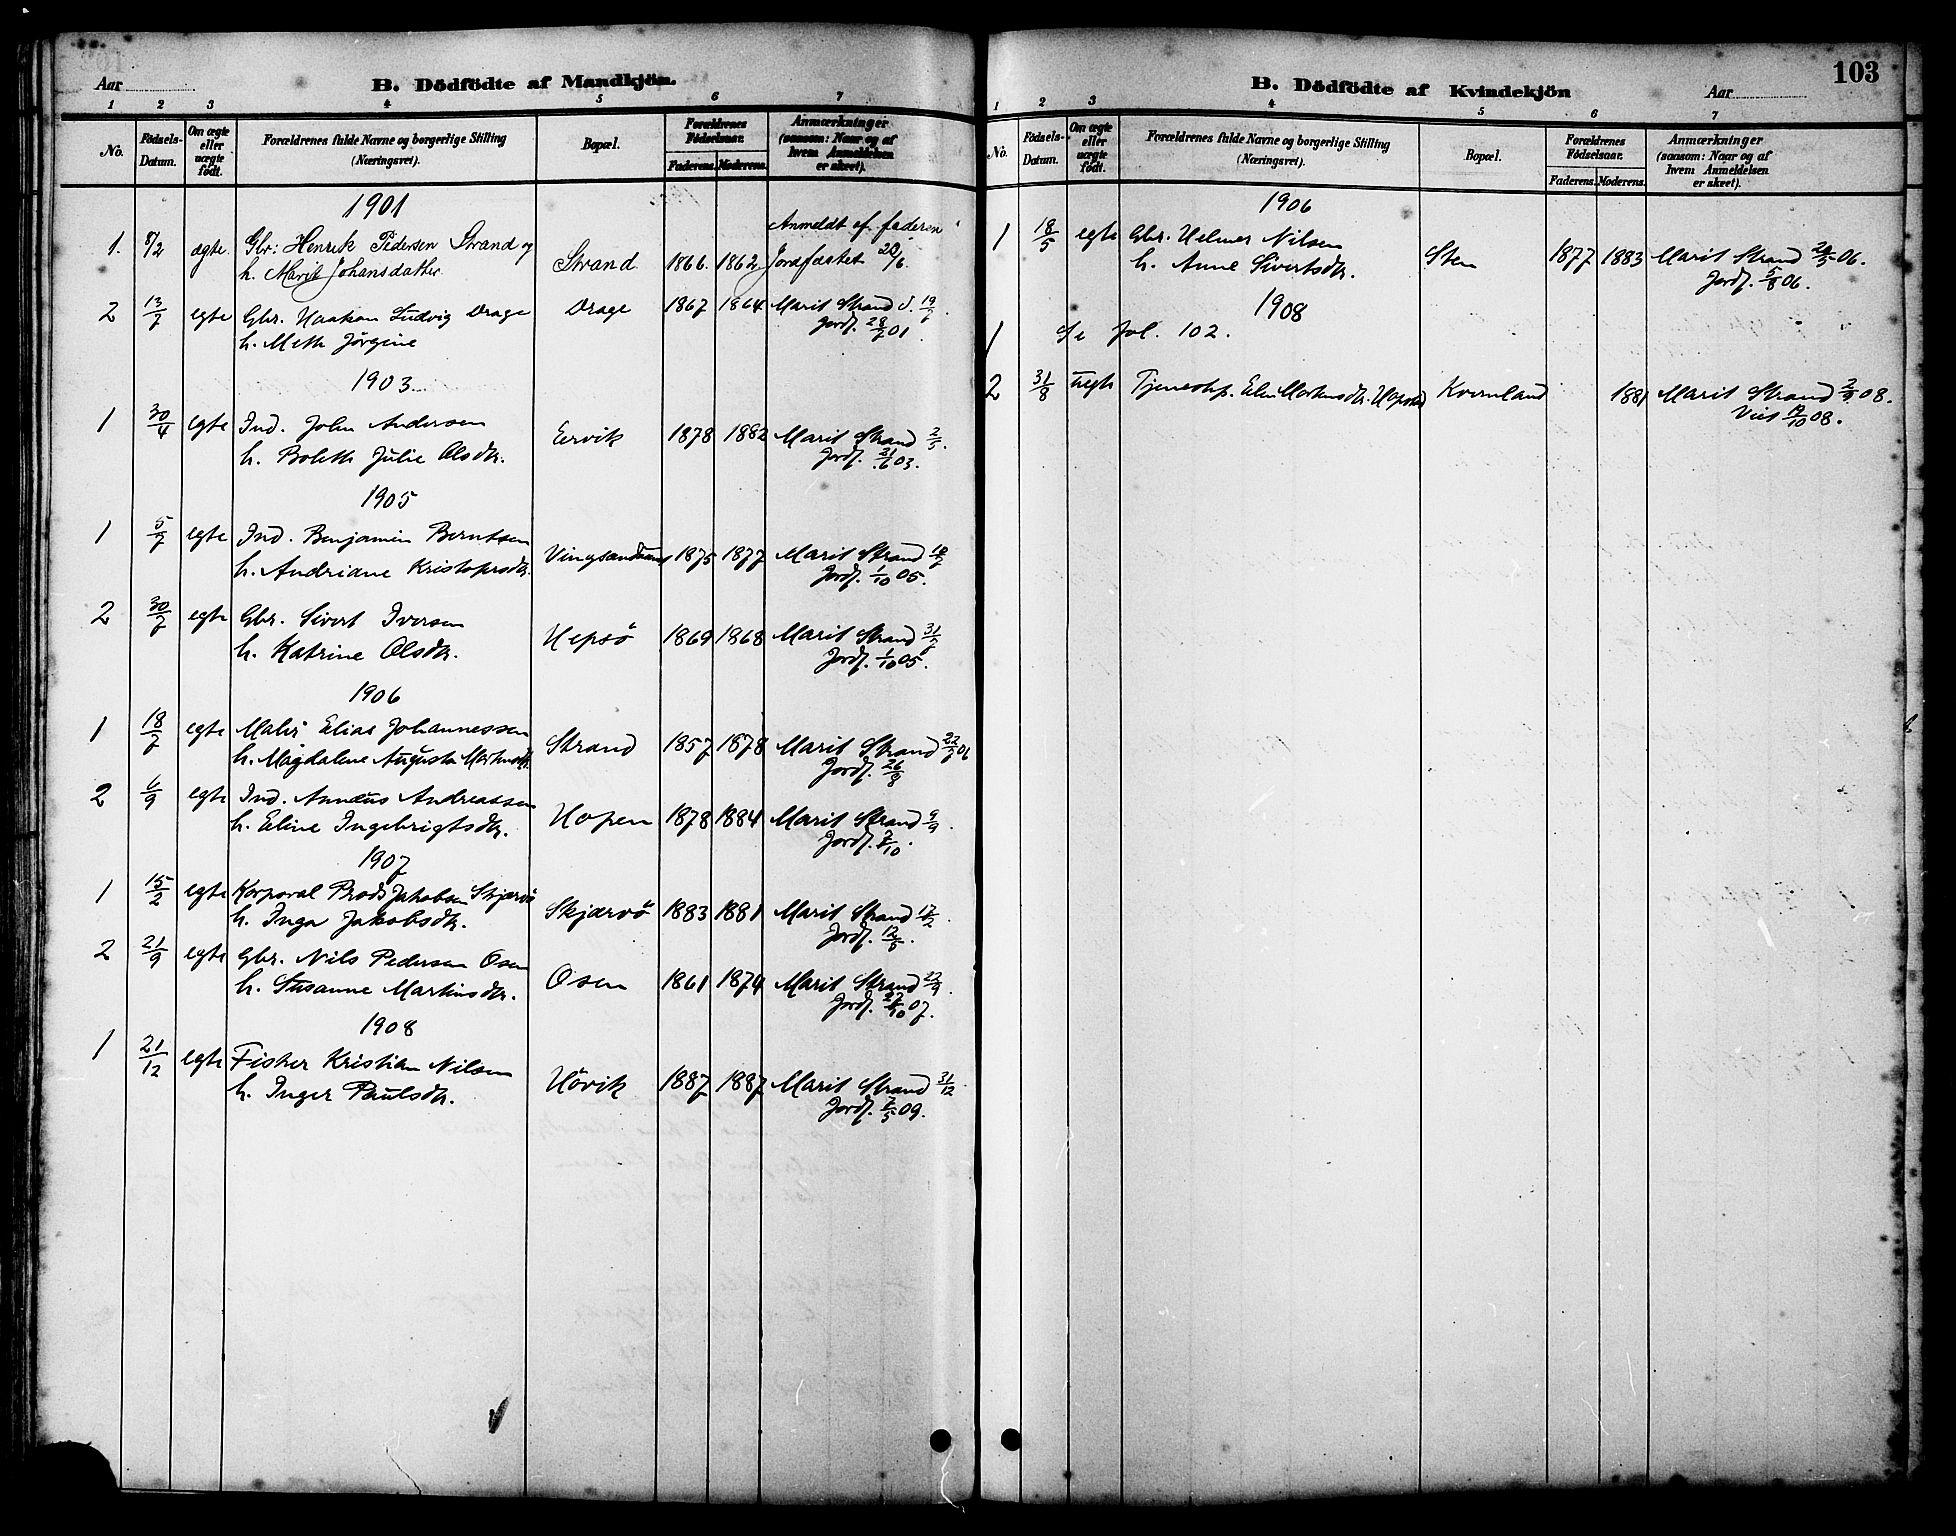 SAT, Ministerialprotokoller, klokkerbøker og fødselsregistre - Sør-Trøndelag, 658/L0726: Klokkerbok nr. 658C02, 1883-1908, s. 103